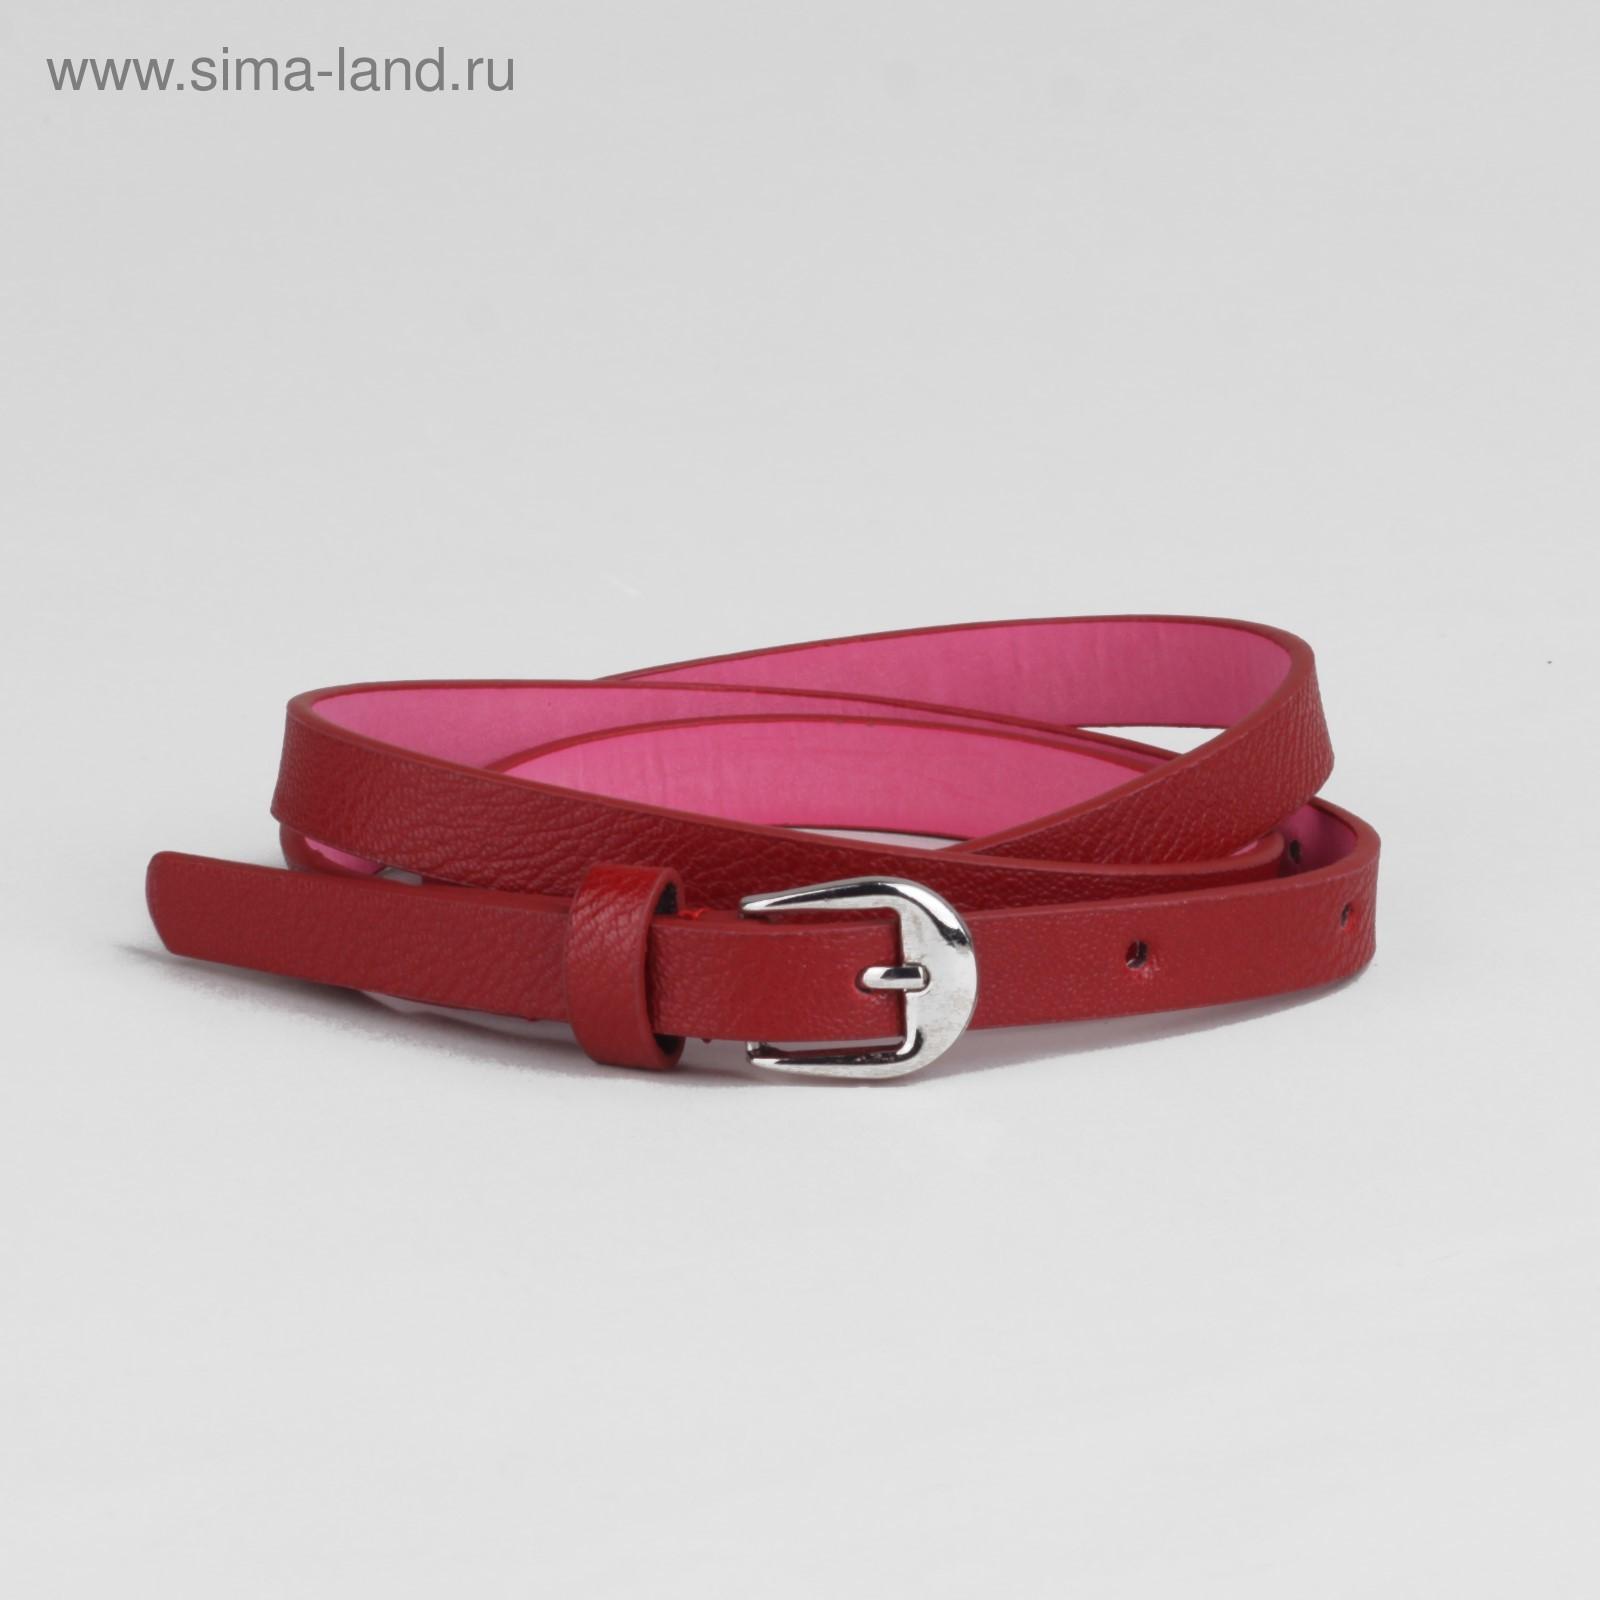 37035627d4cc Ремень женский, матовый гладкий, ширина - 1,3 см, пряжка металл, цвет  красный